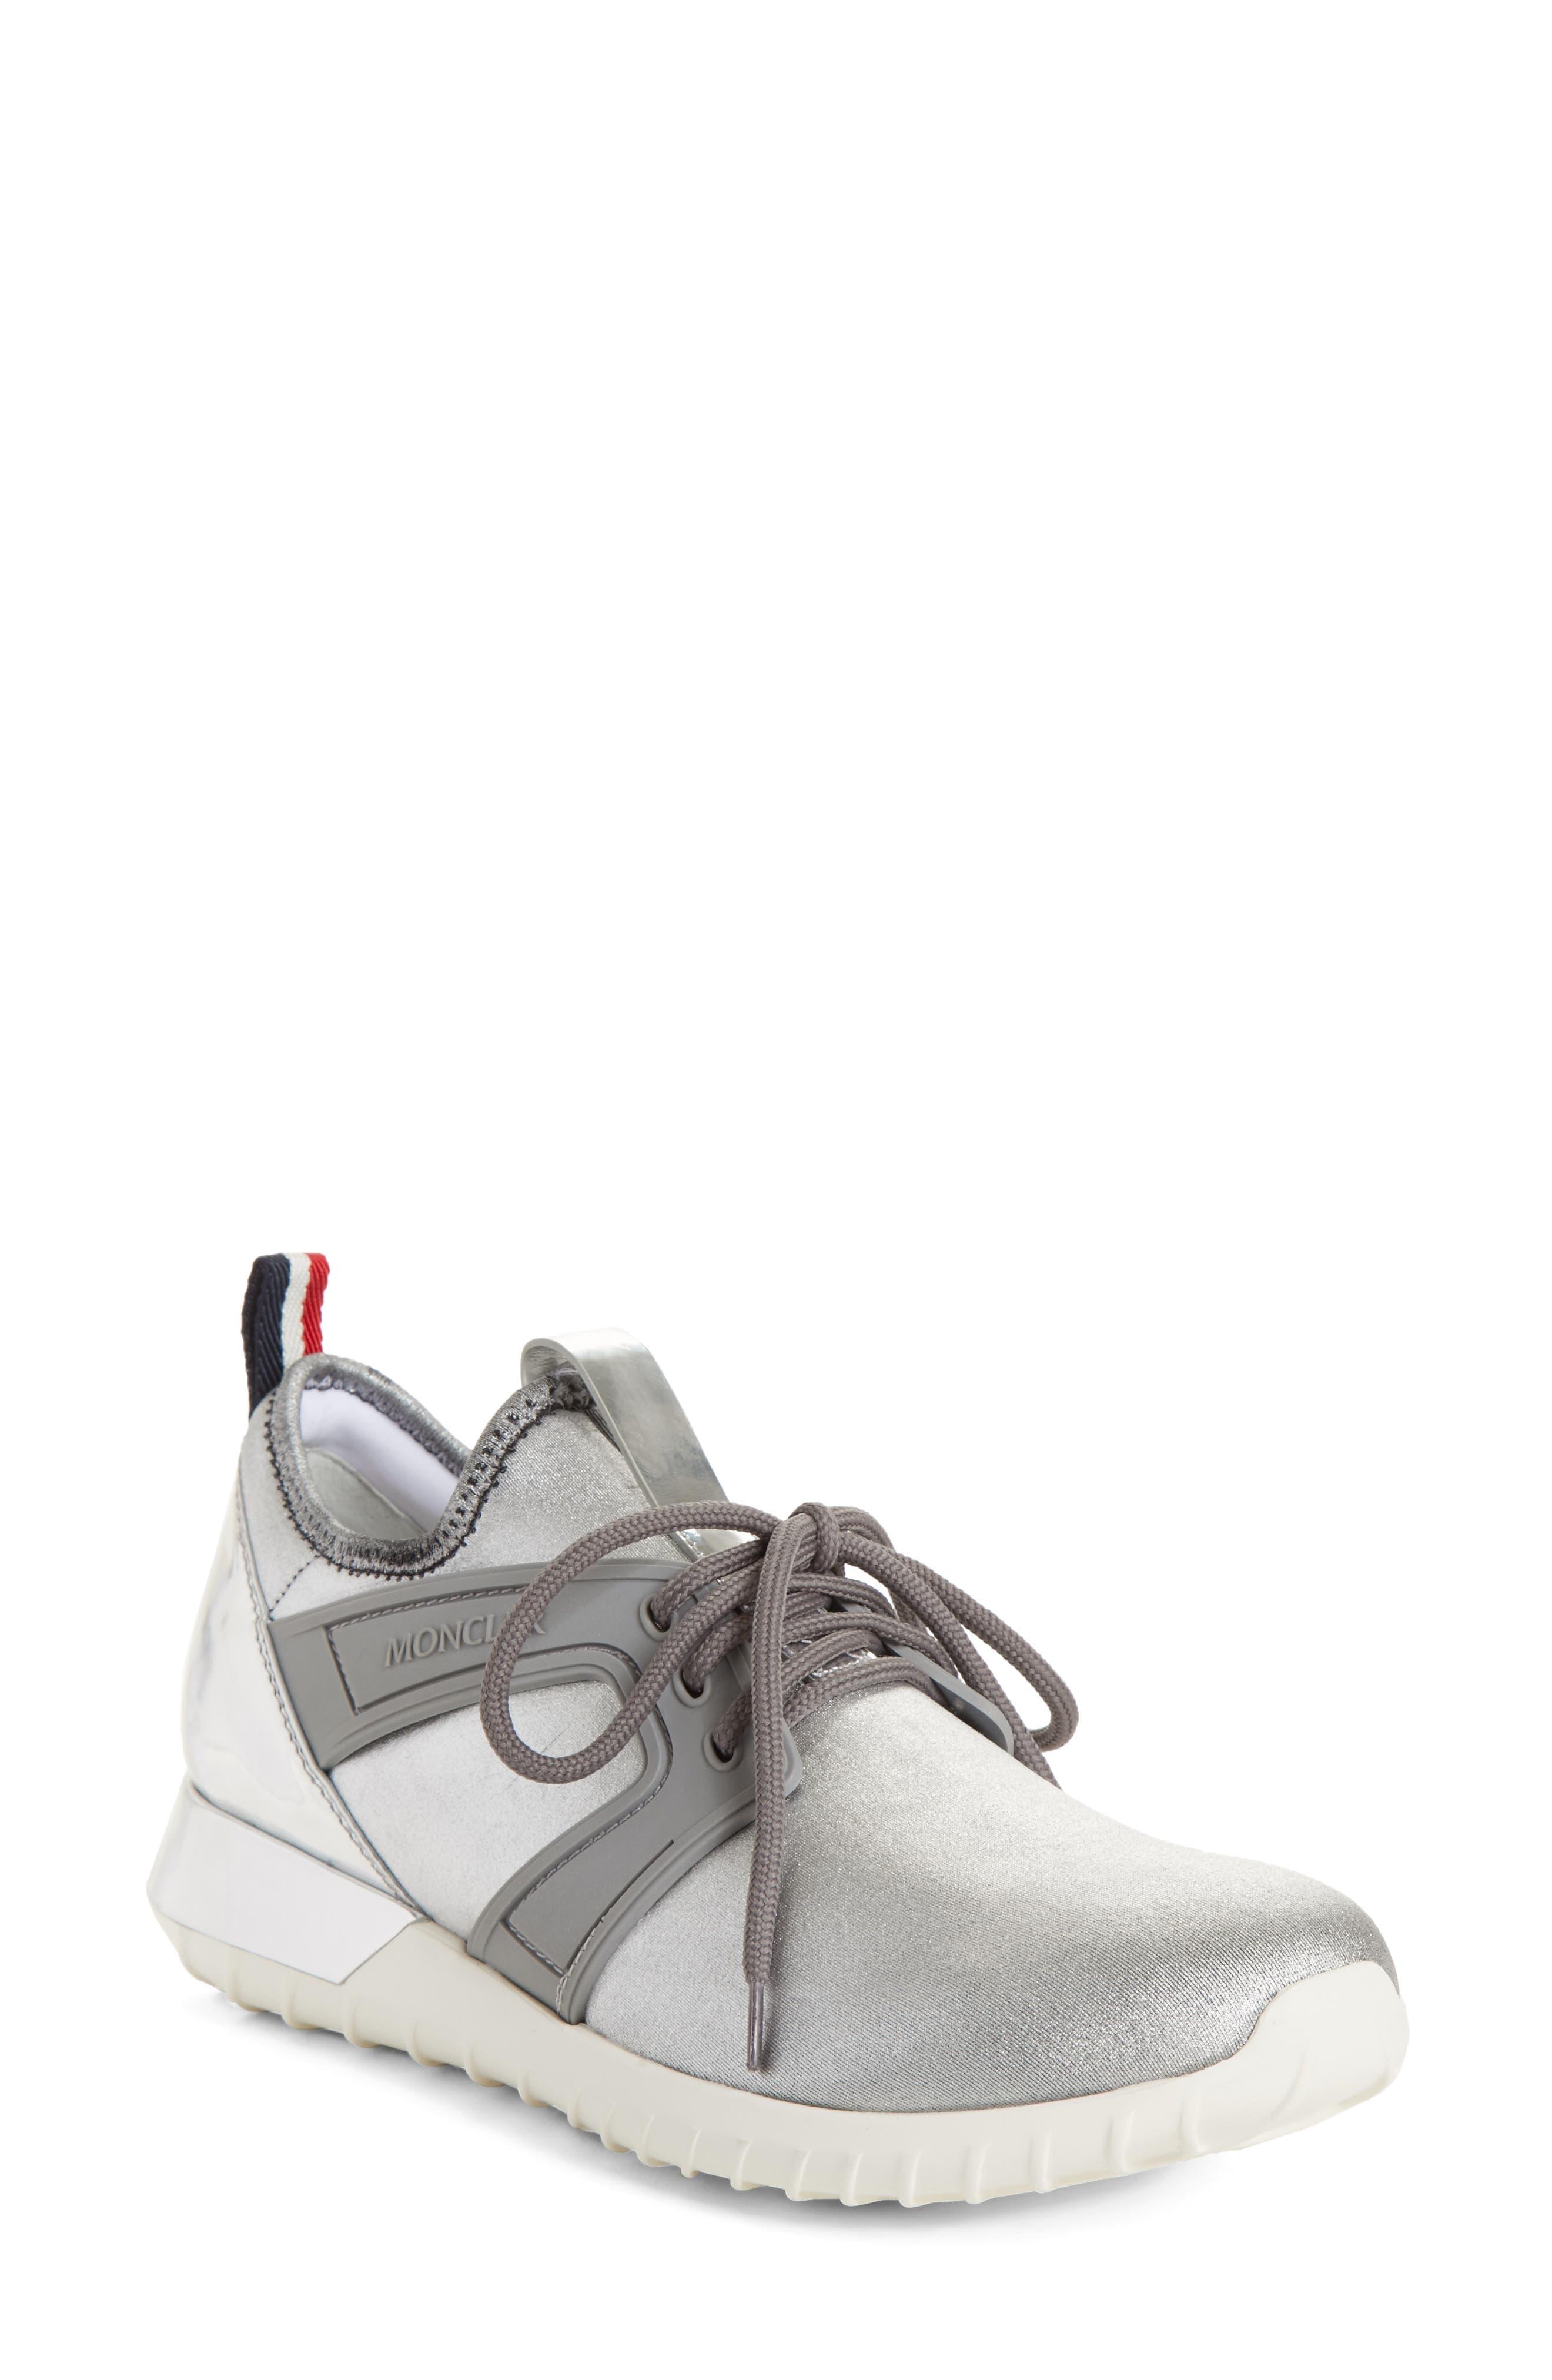 Alternate Image 1 Selected - Moncler Meline Runner Sneaker (Women)